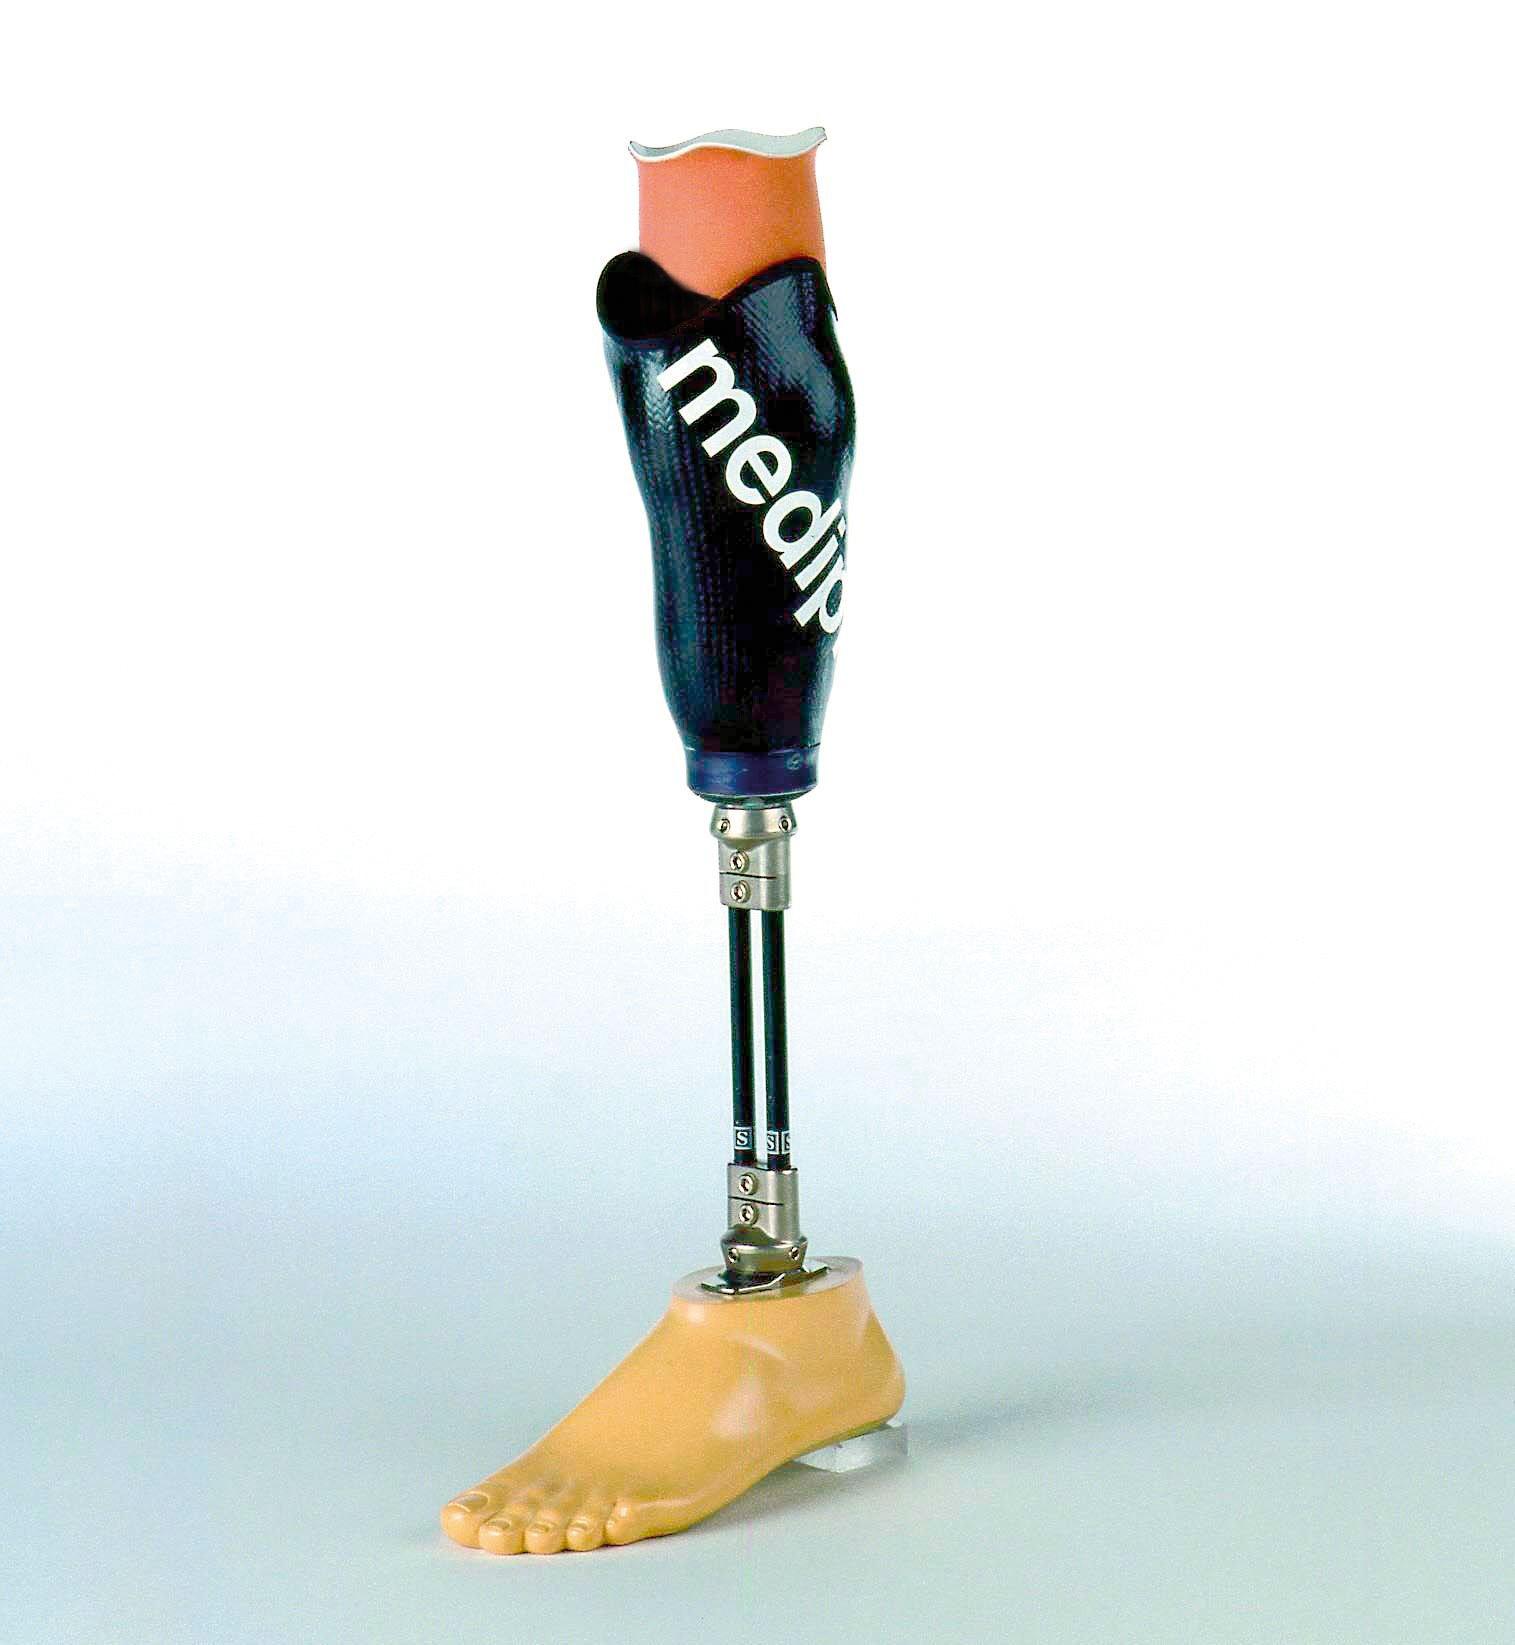 东阳市 十秒穿脱残肢应具备哪些条件?矫形鞋定制 脊柱侧弯矫形背夹定制 儿麻辅具定制